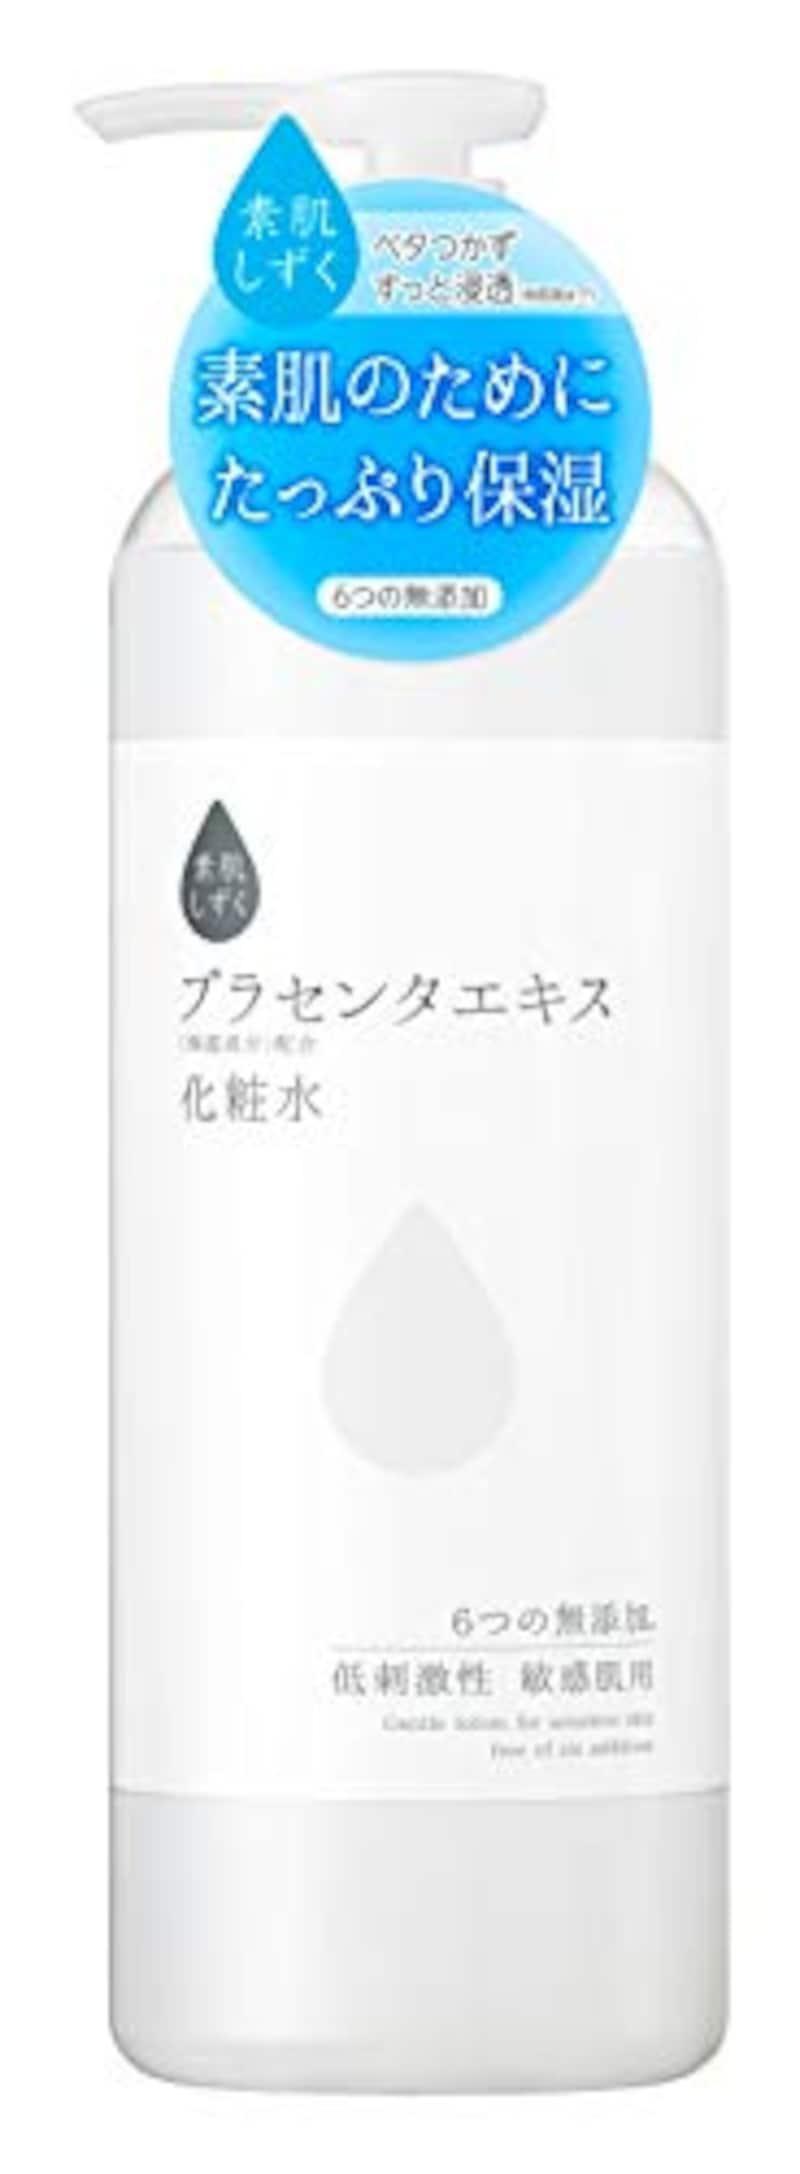 素肌しずく,保湿化粧水